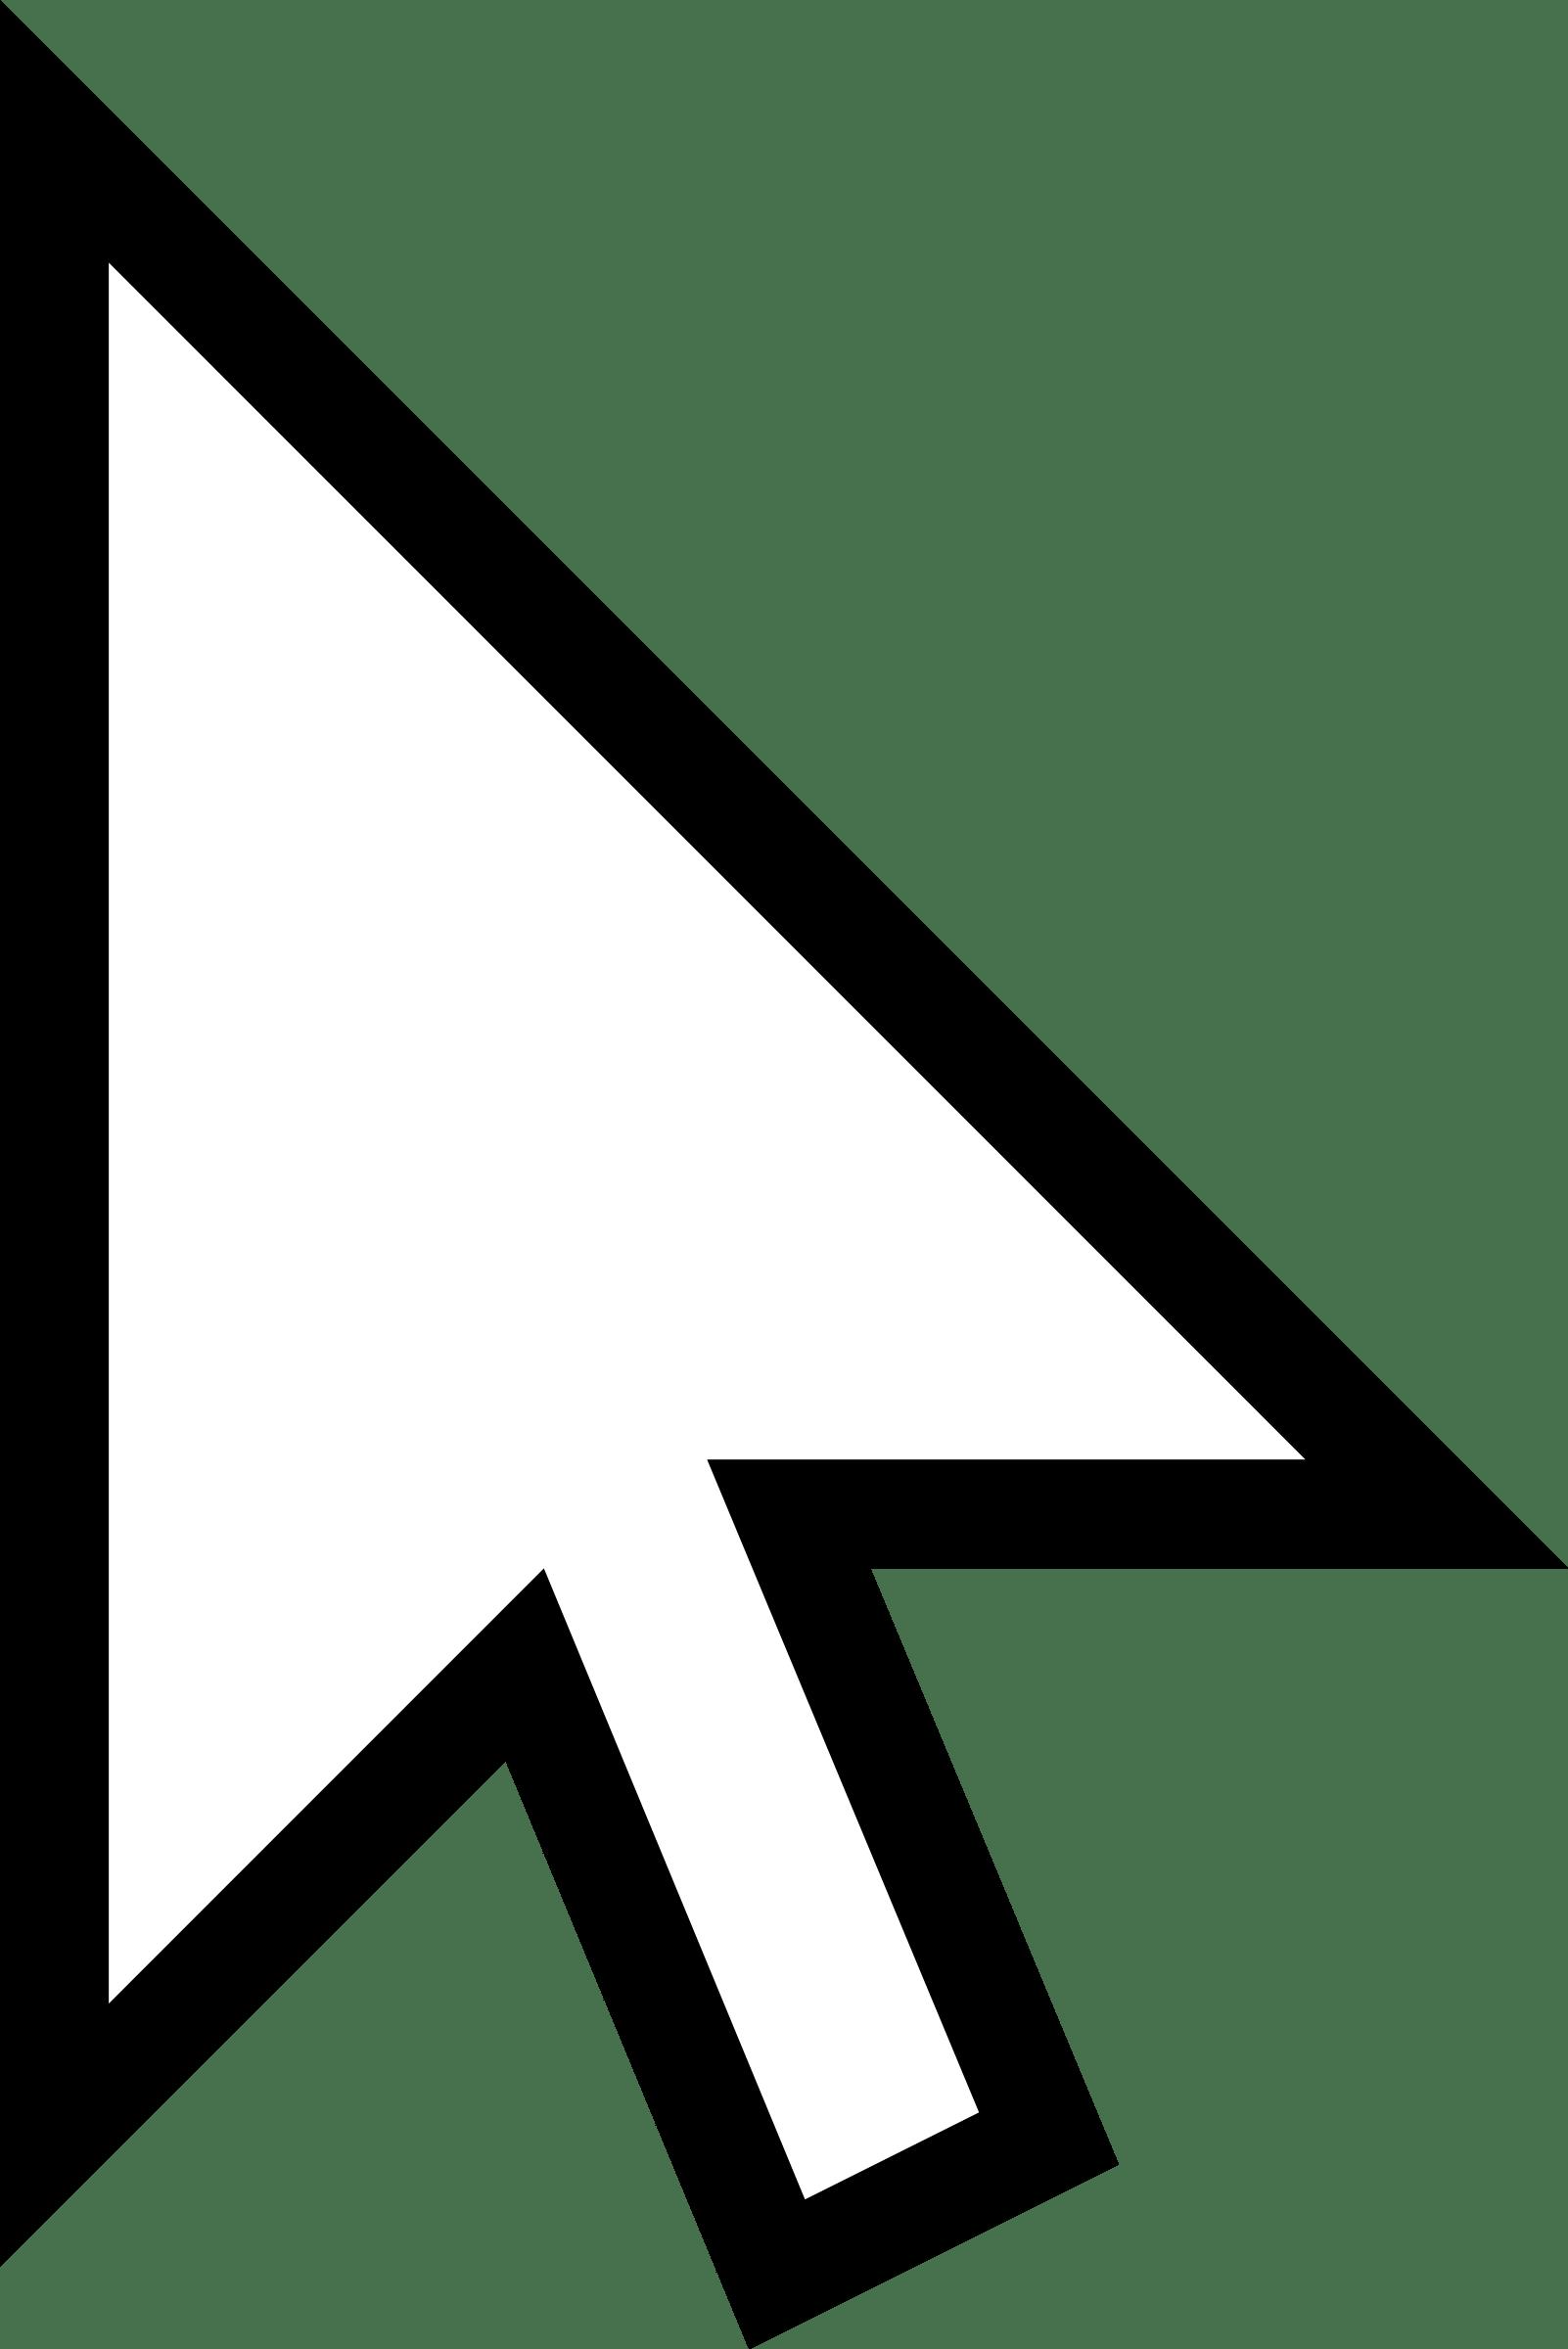 Mouse Arrow transparent PNG.